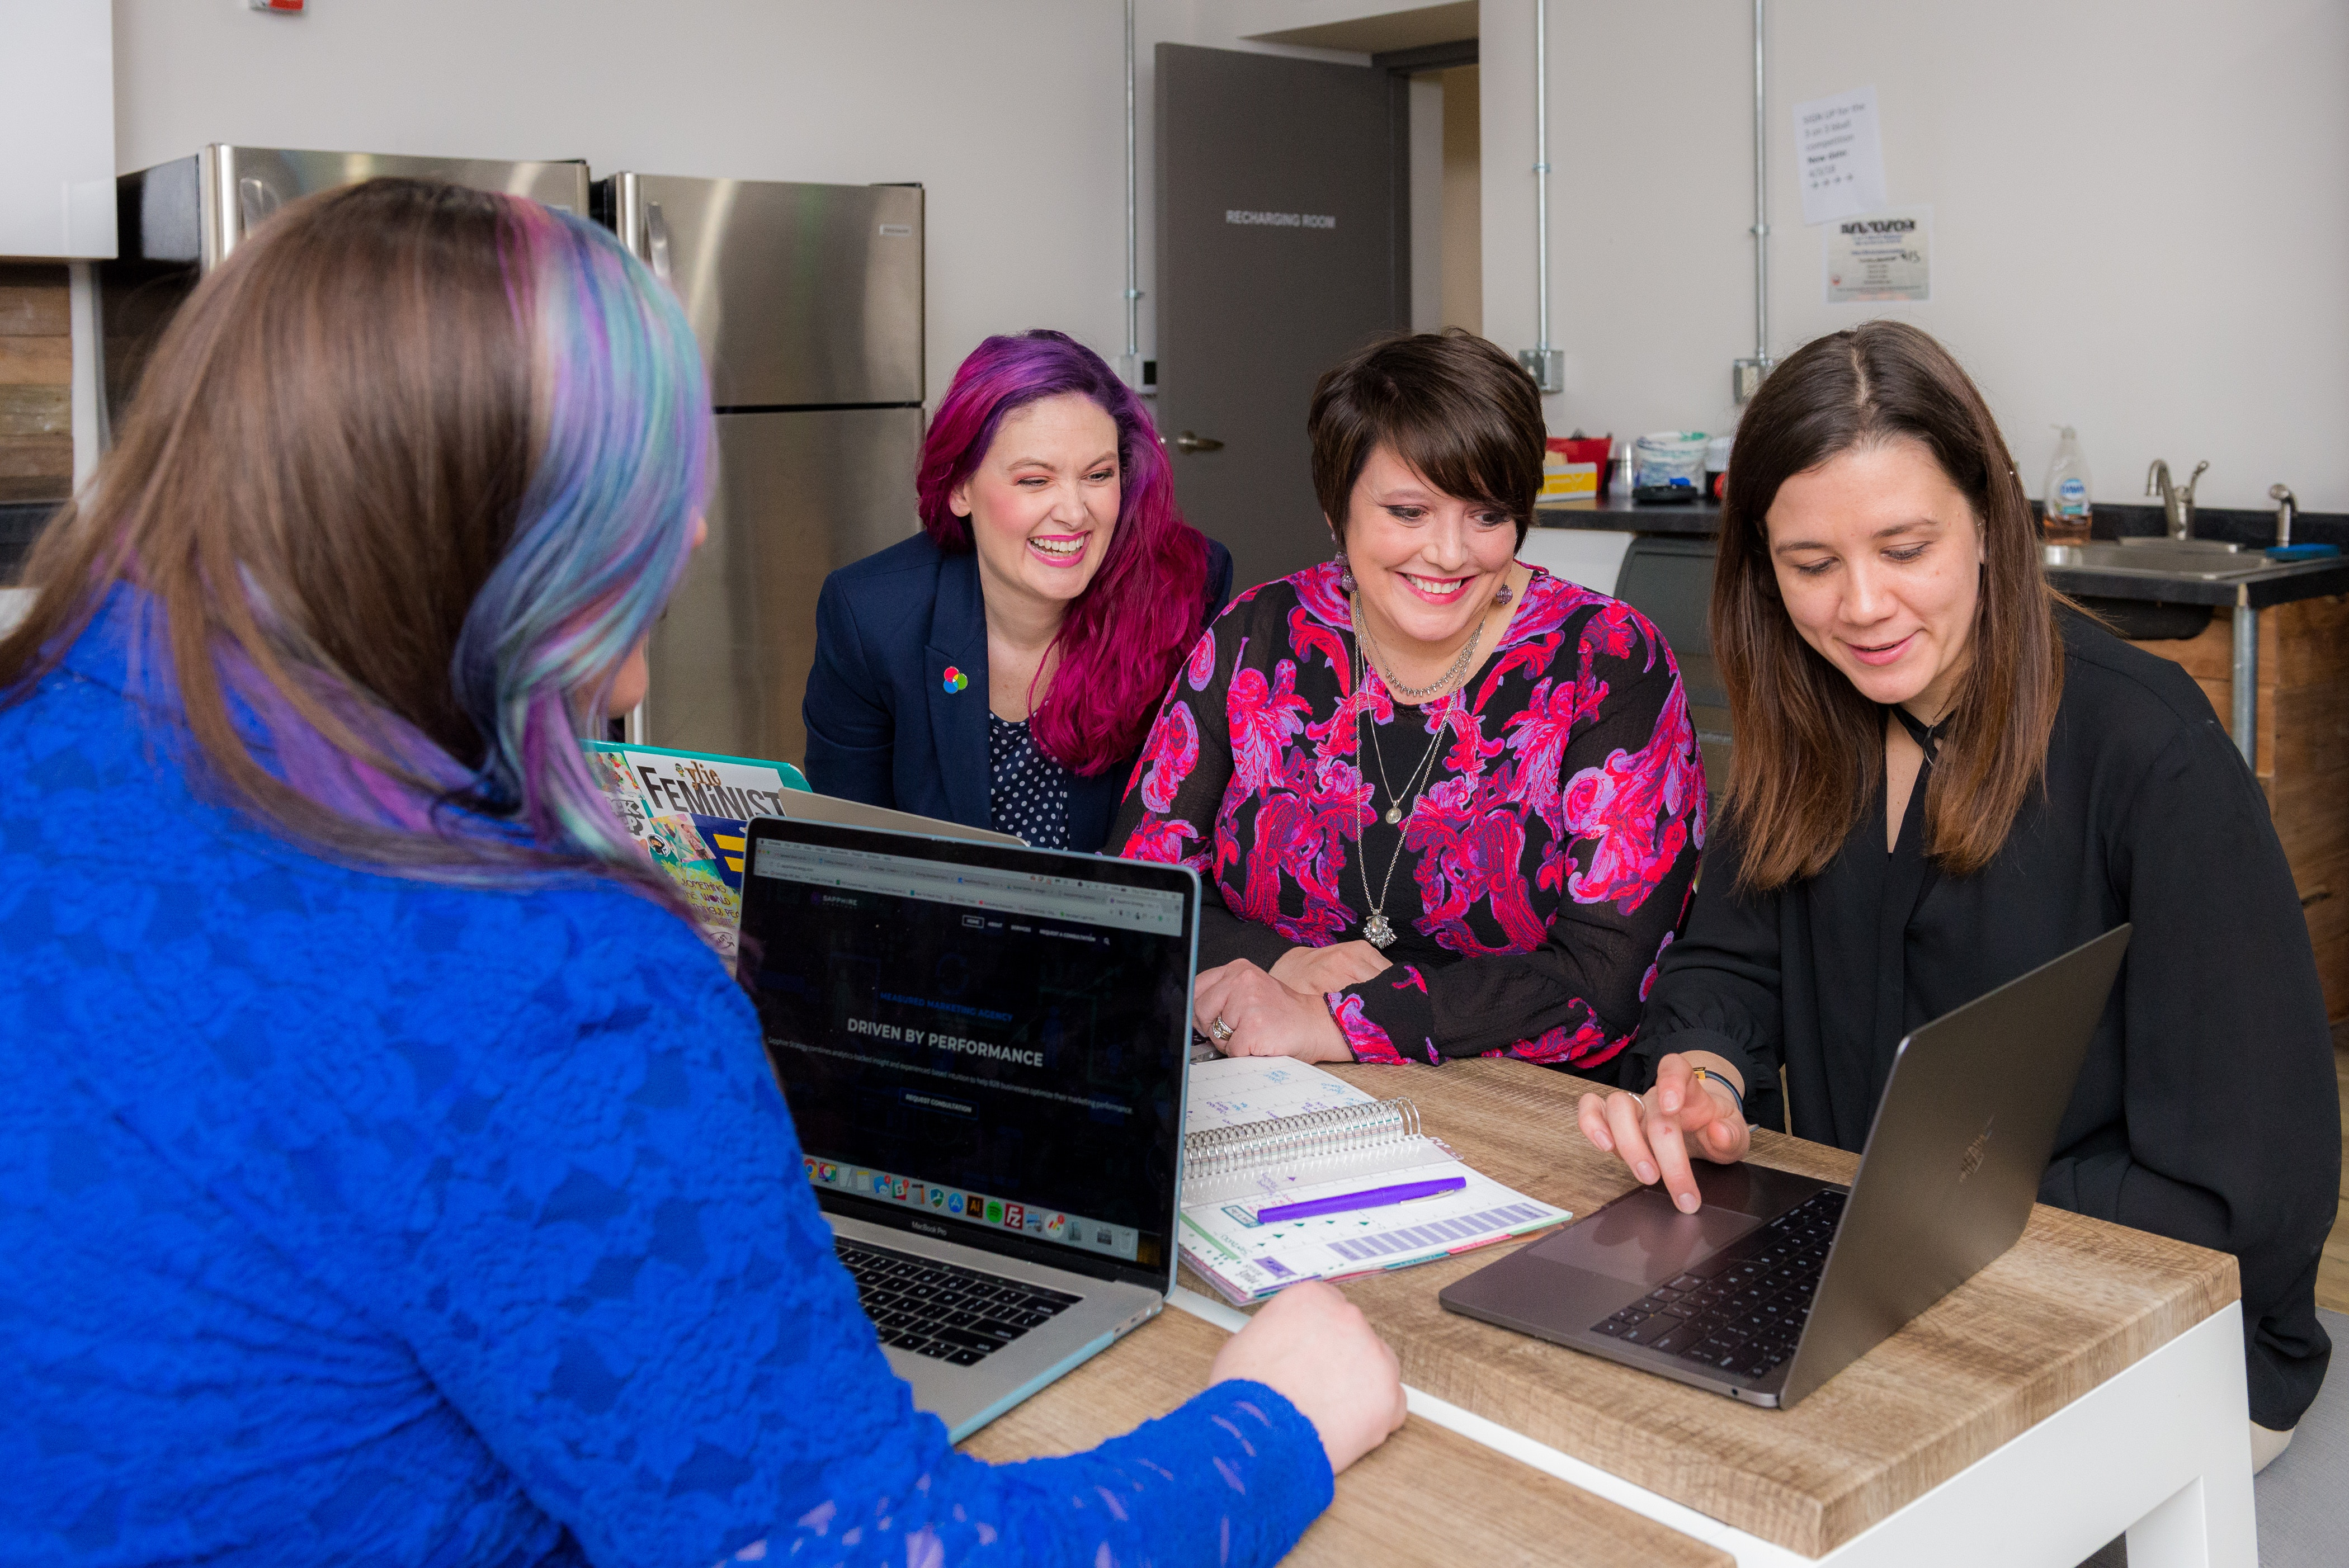 women in an office on laptops